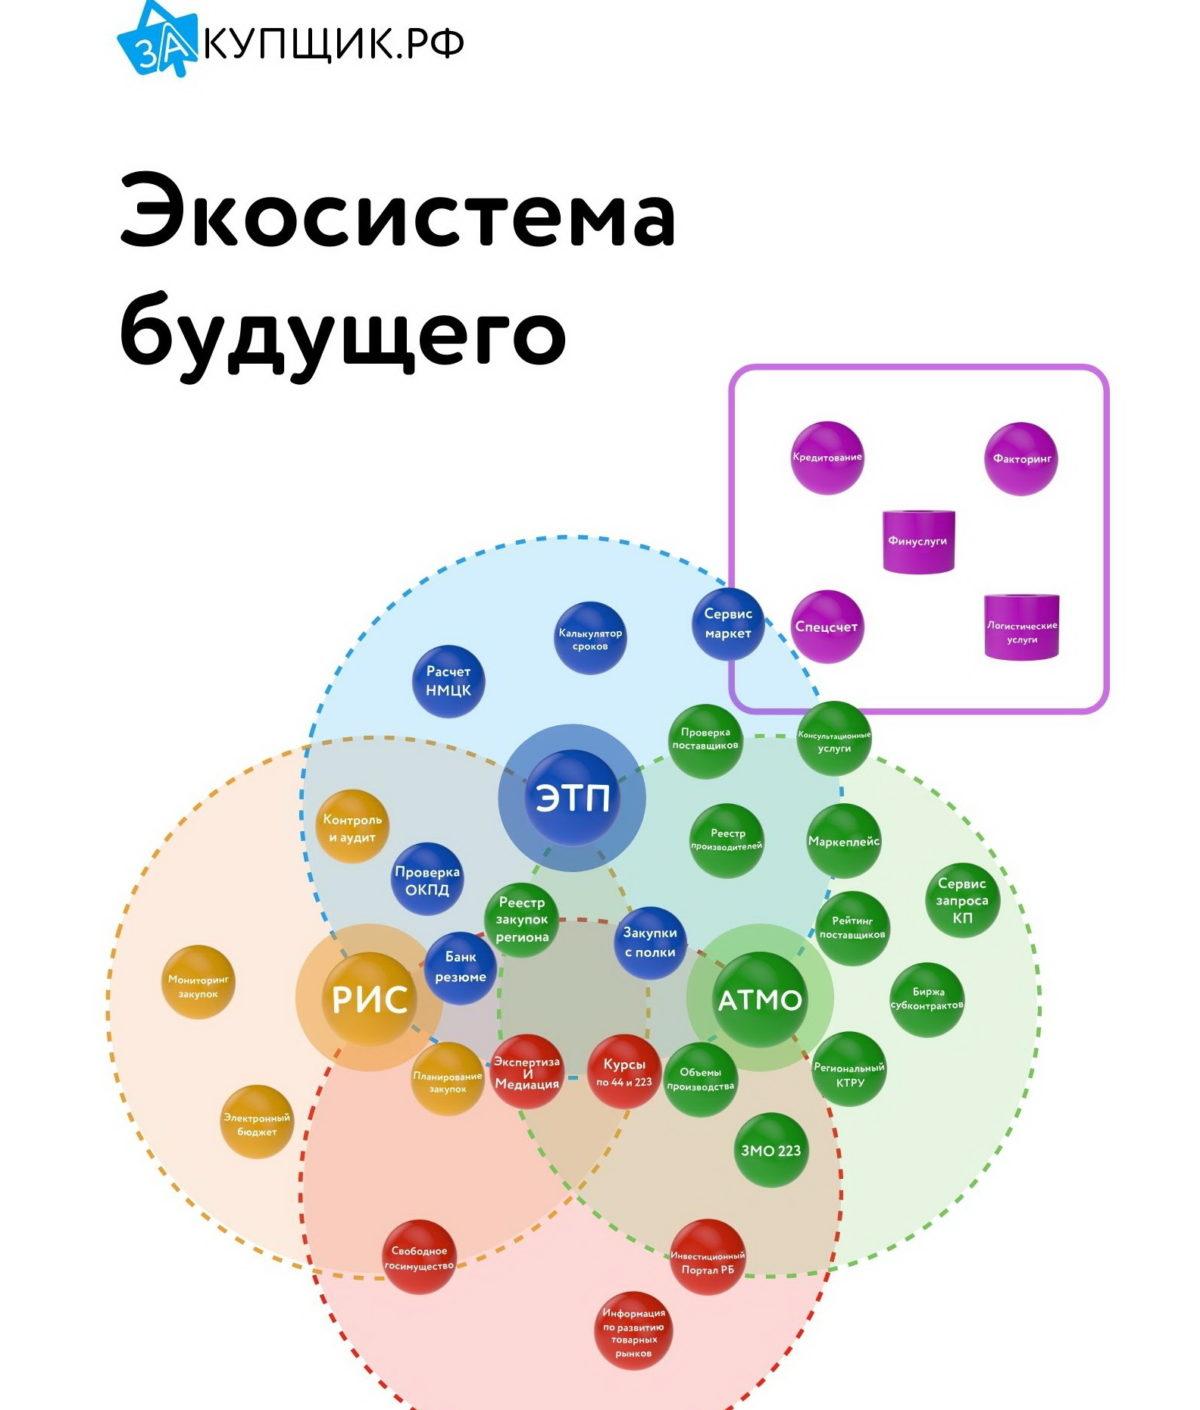 Какбесплатно создать закупочную экосистему всвоем регионе